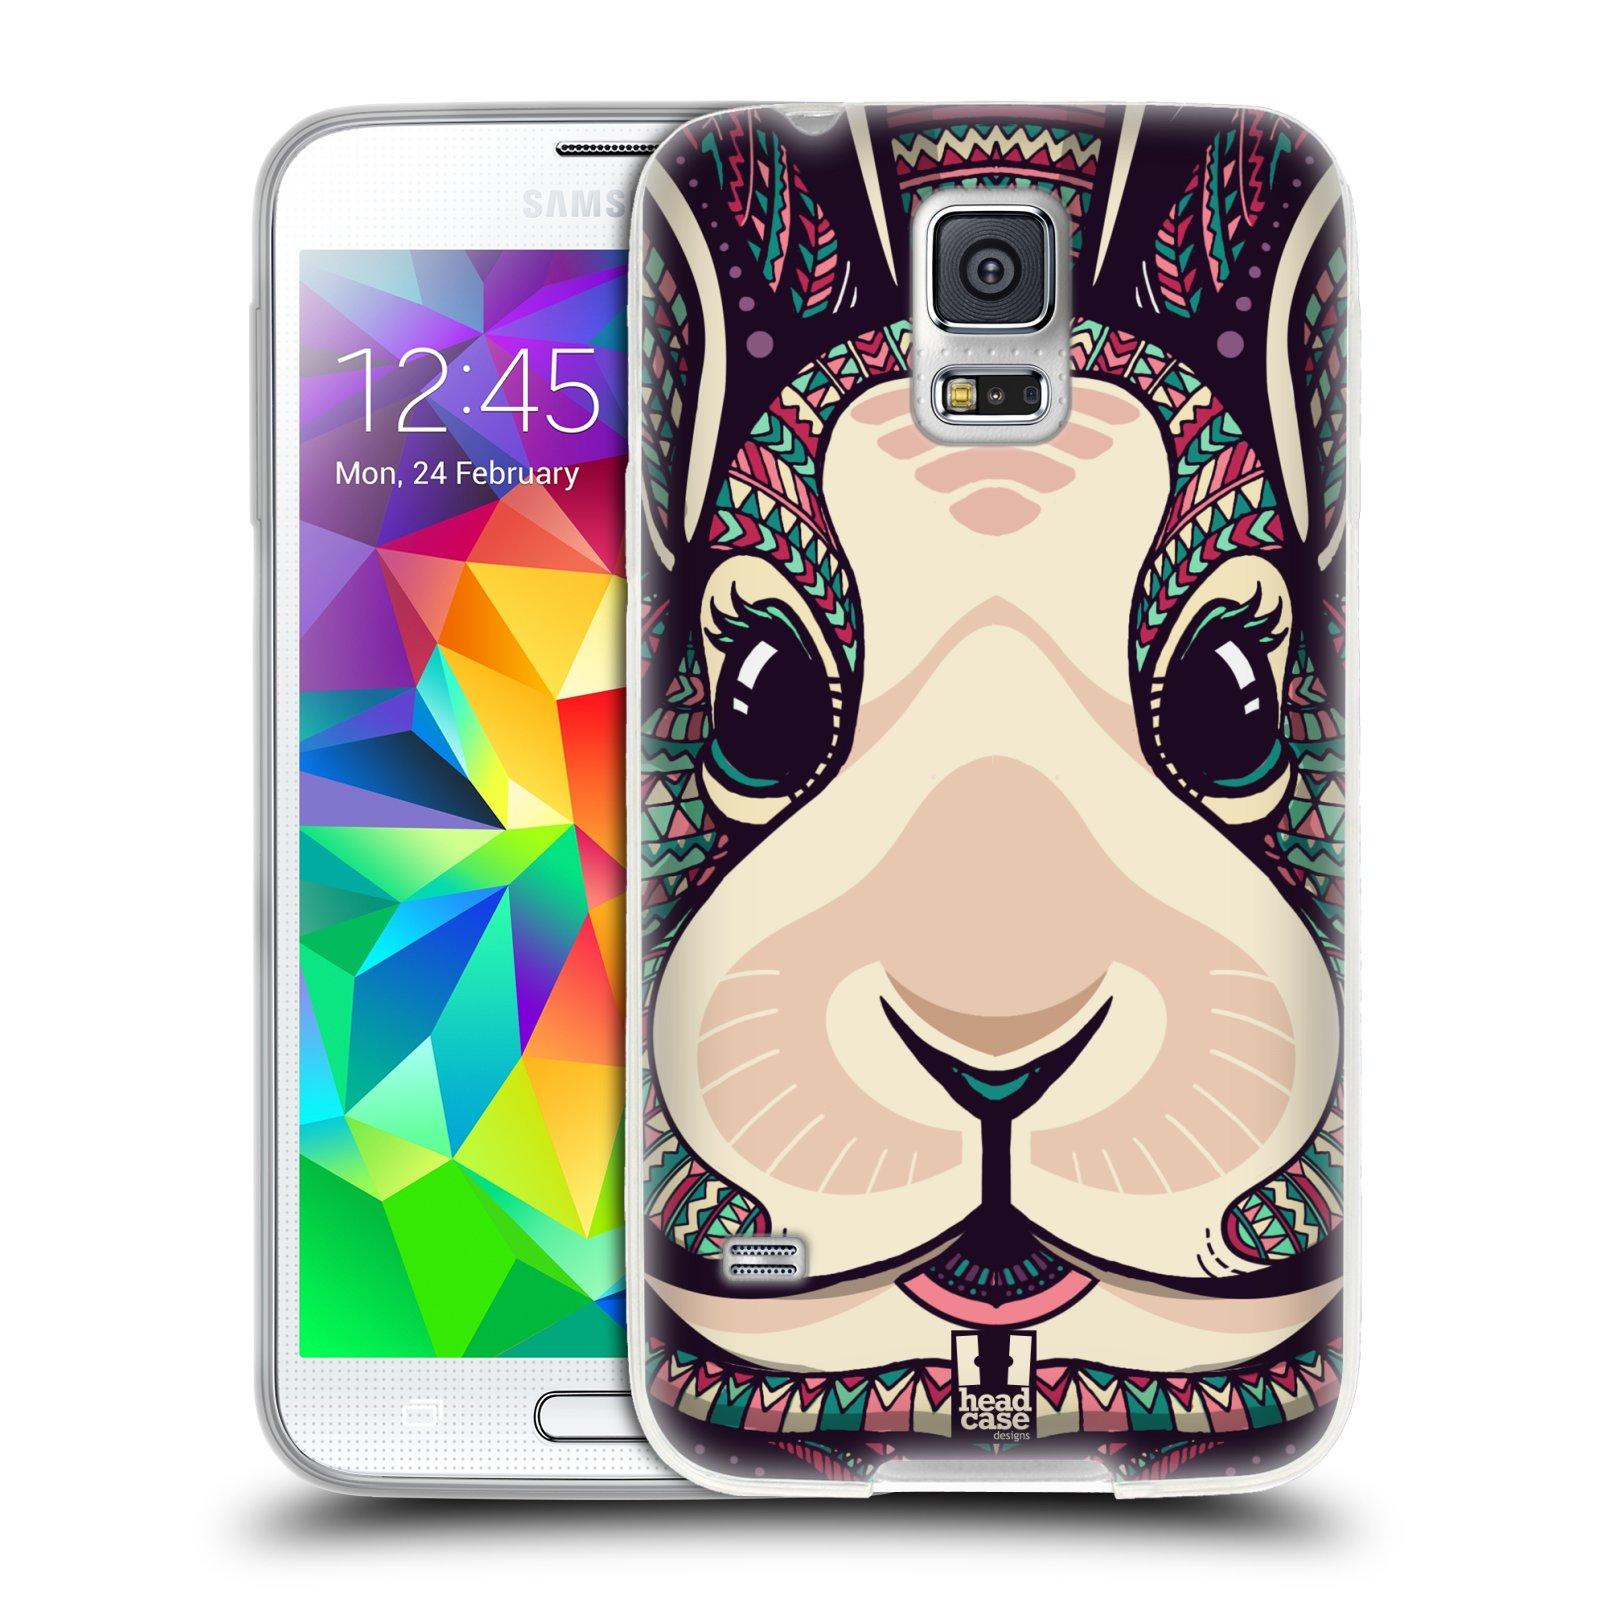 Silikonové pouzdro na mobil Samsung Galaxy S5 HEAD CASE AZTEC ZAJÍČEK